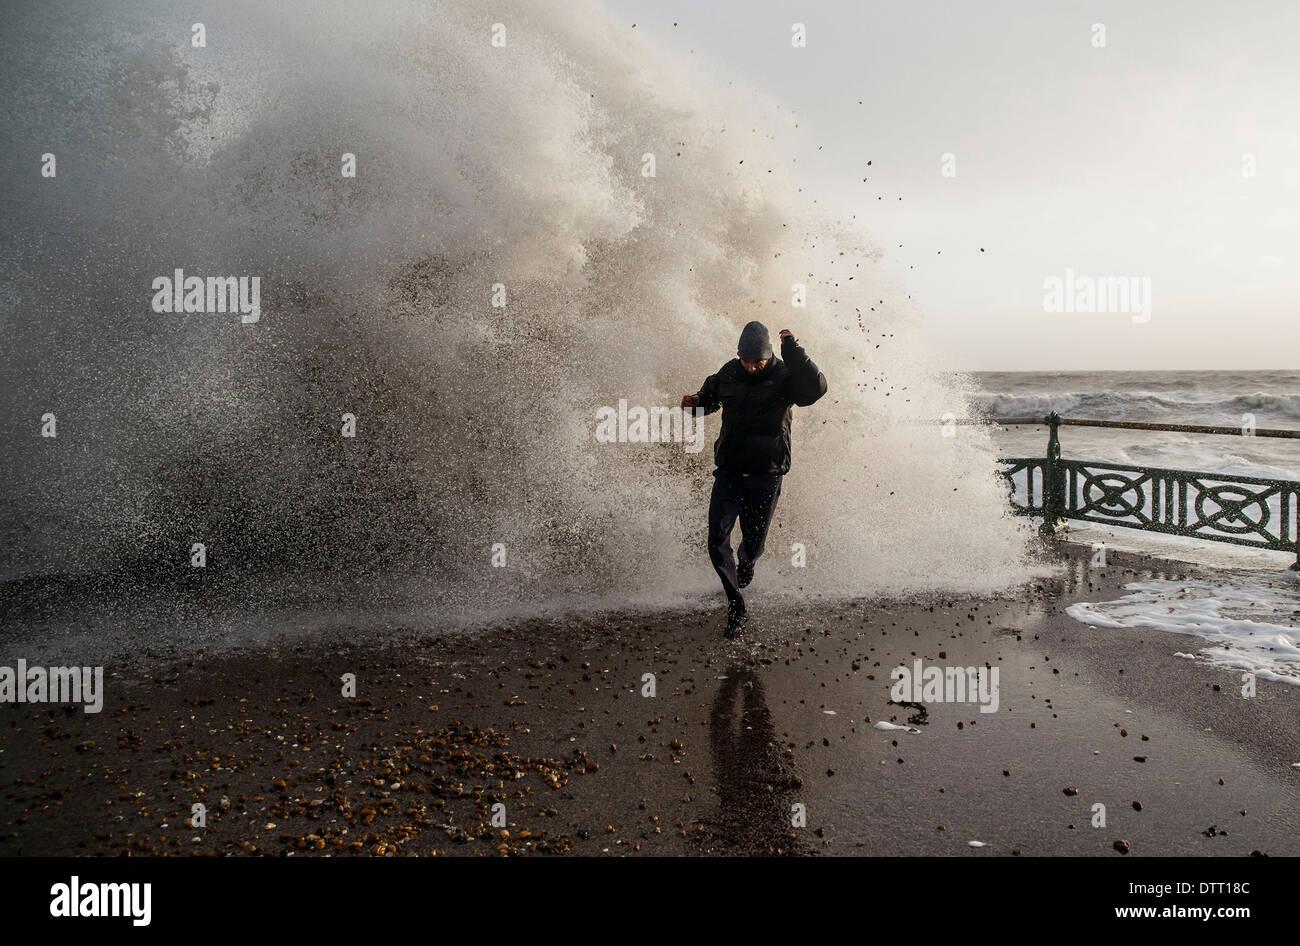 Un hombre va desde las enormes olas durante las marejadas en las costas británicas en condiciones meteorológicas extremas. Escena en Brighton, Sussex, Reino Unido Foto de stock